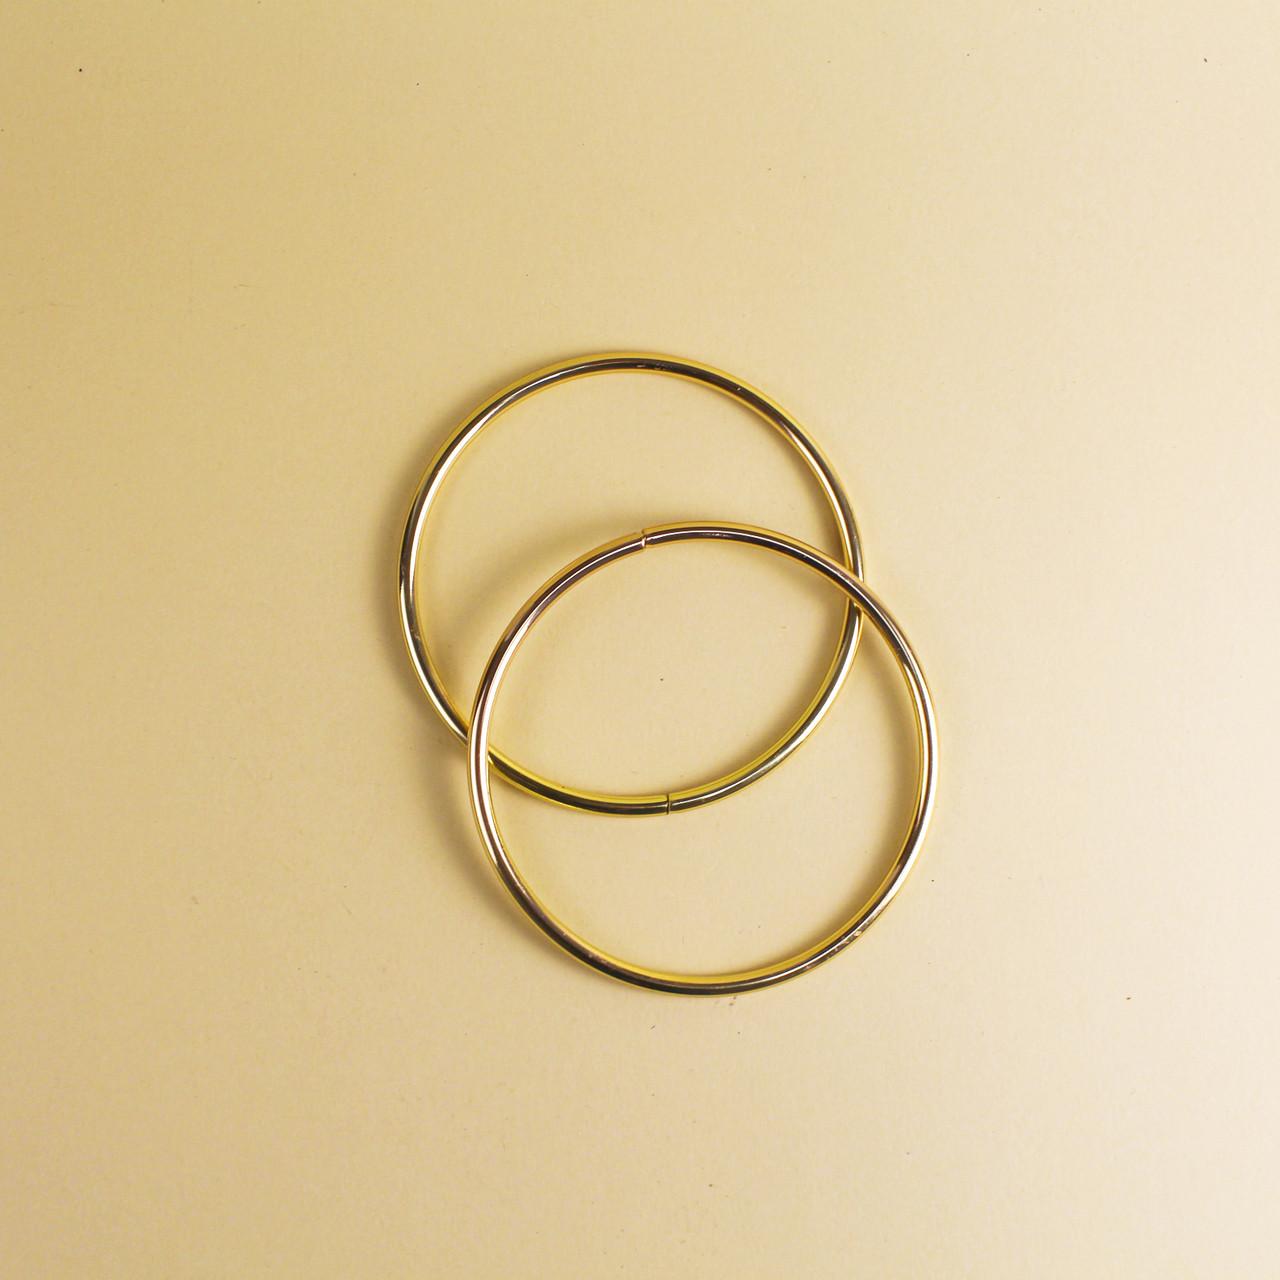 Комплект металлических ручек-колец для сумки 11 см Золото